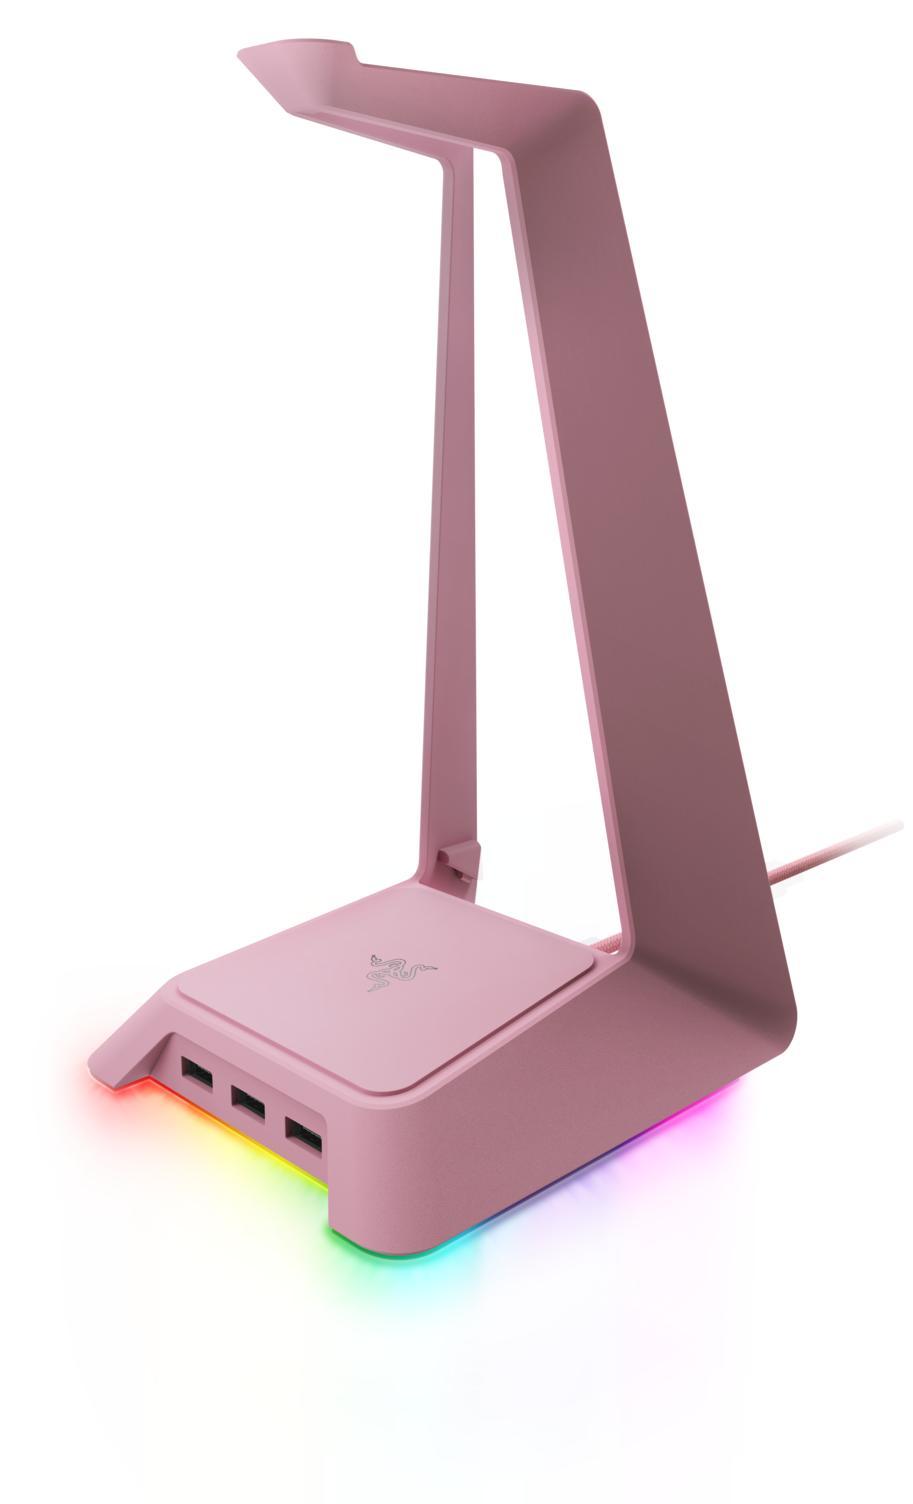 Razer Base Station Chroma W USB Hub Quartz